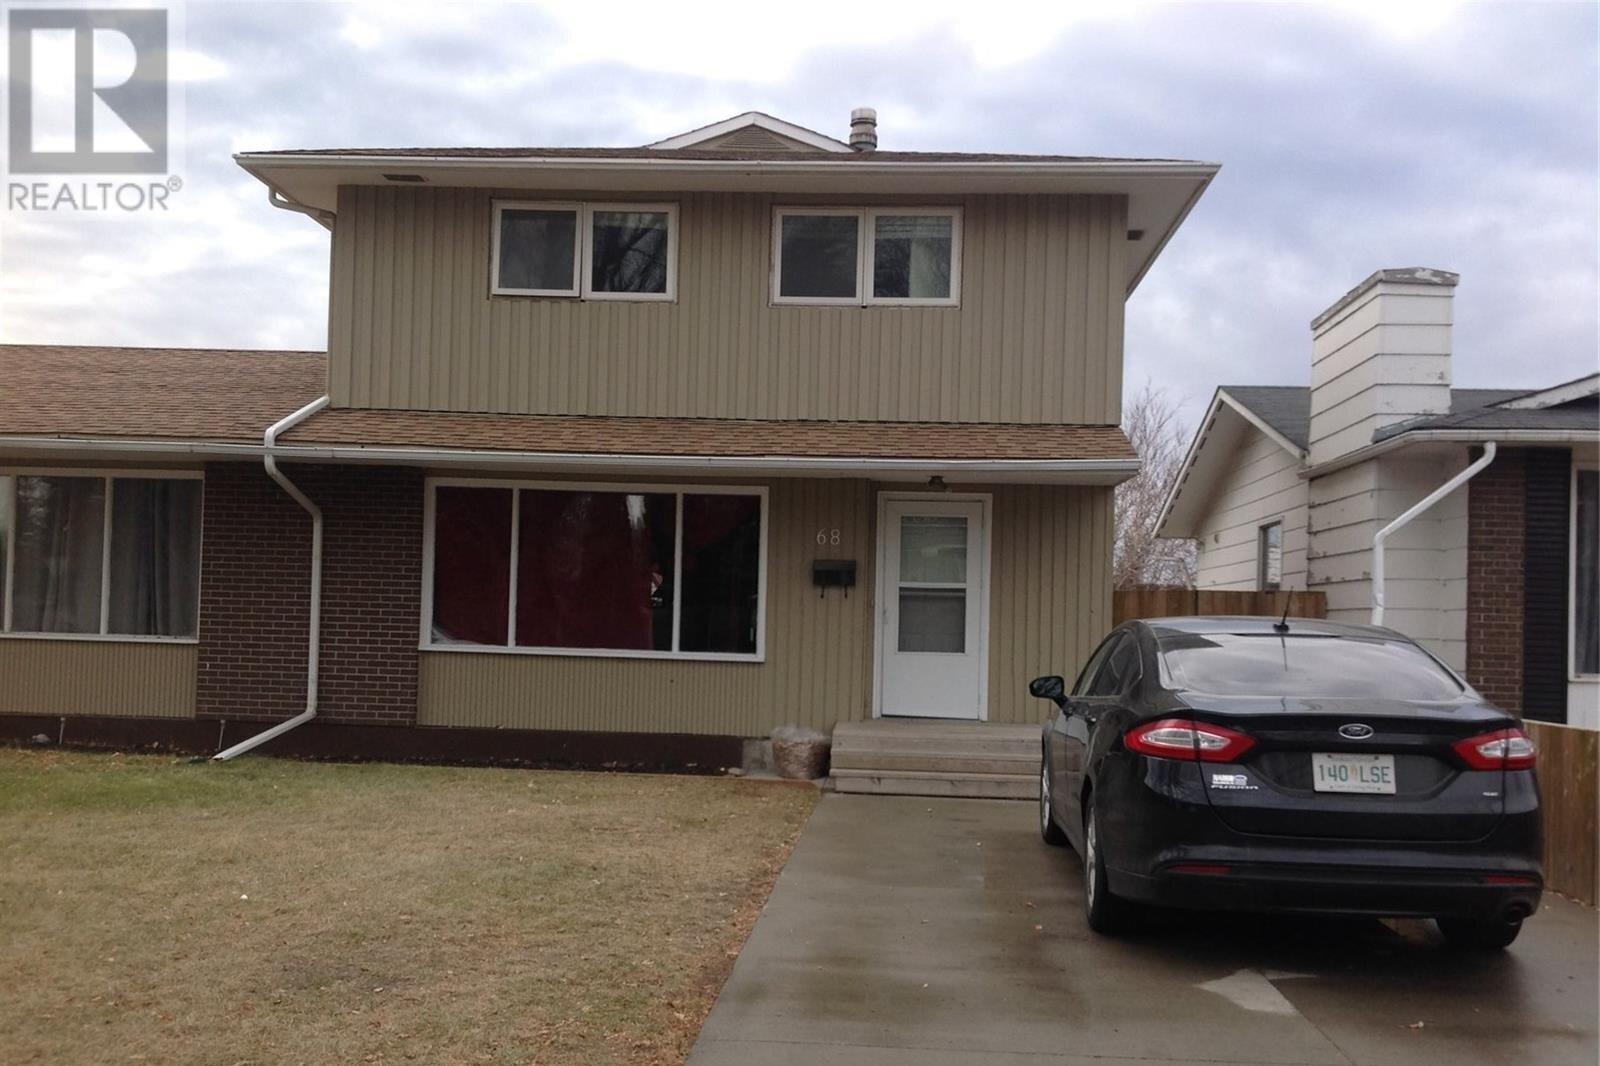 House for sale at 68 Carleton Dr Saskatoon Saskatchewan - MLS: SK831599